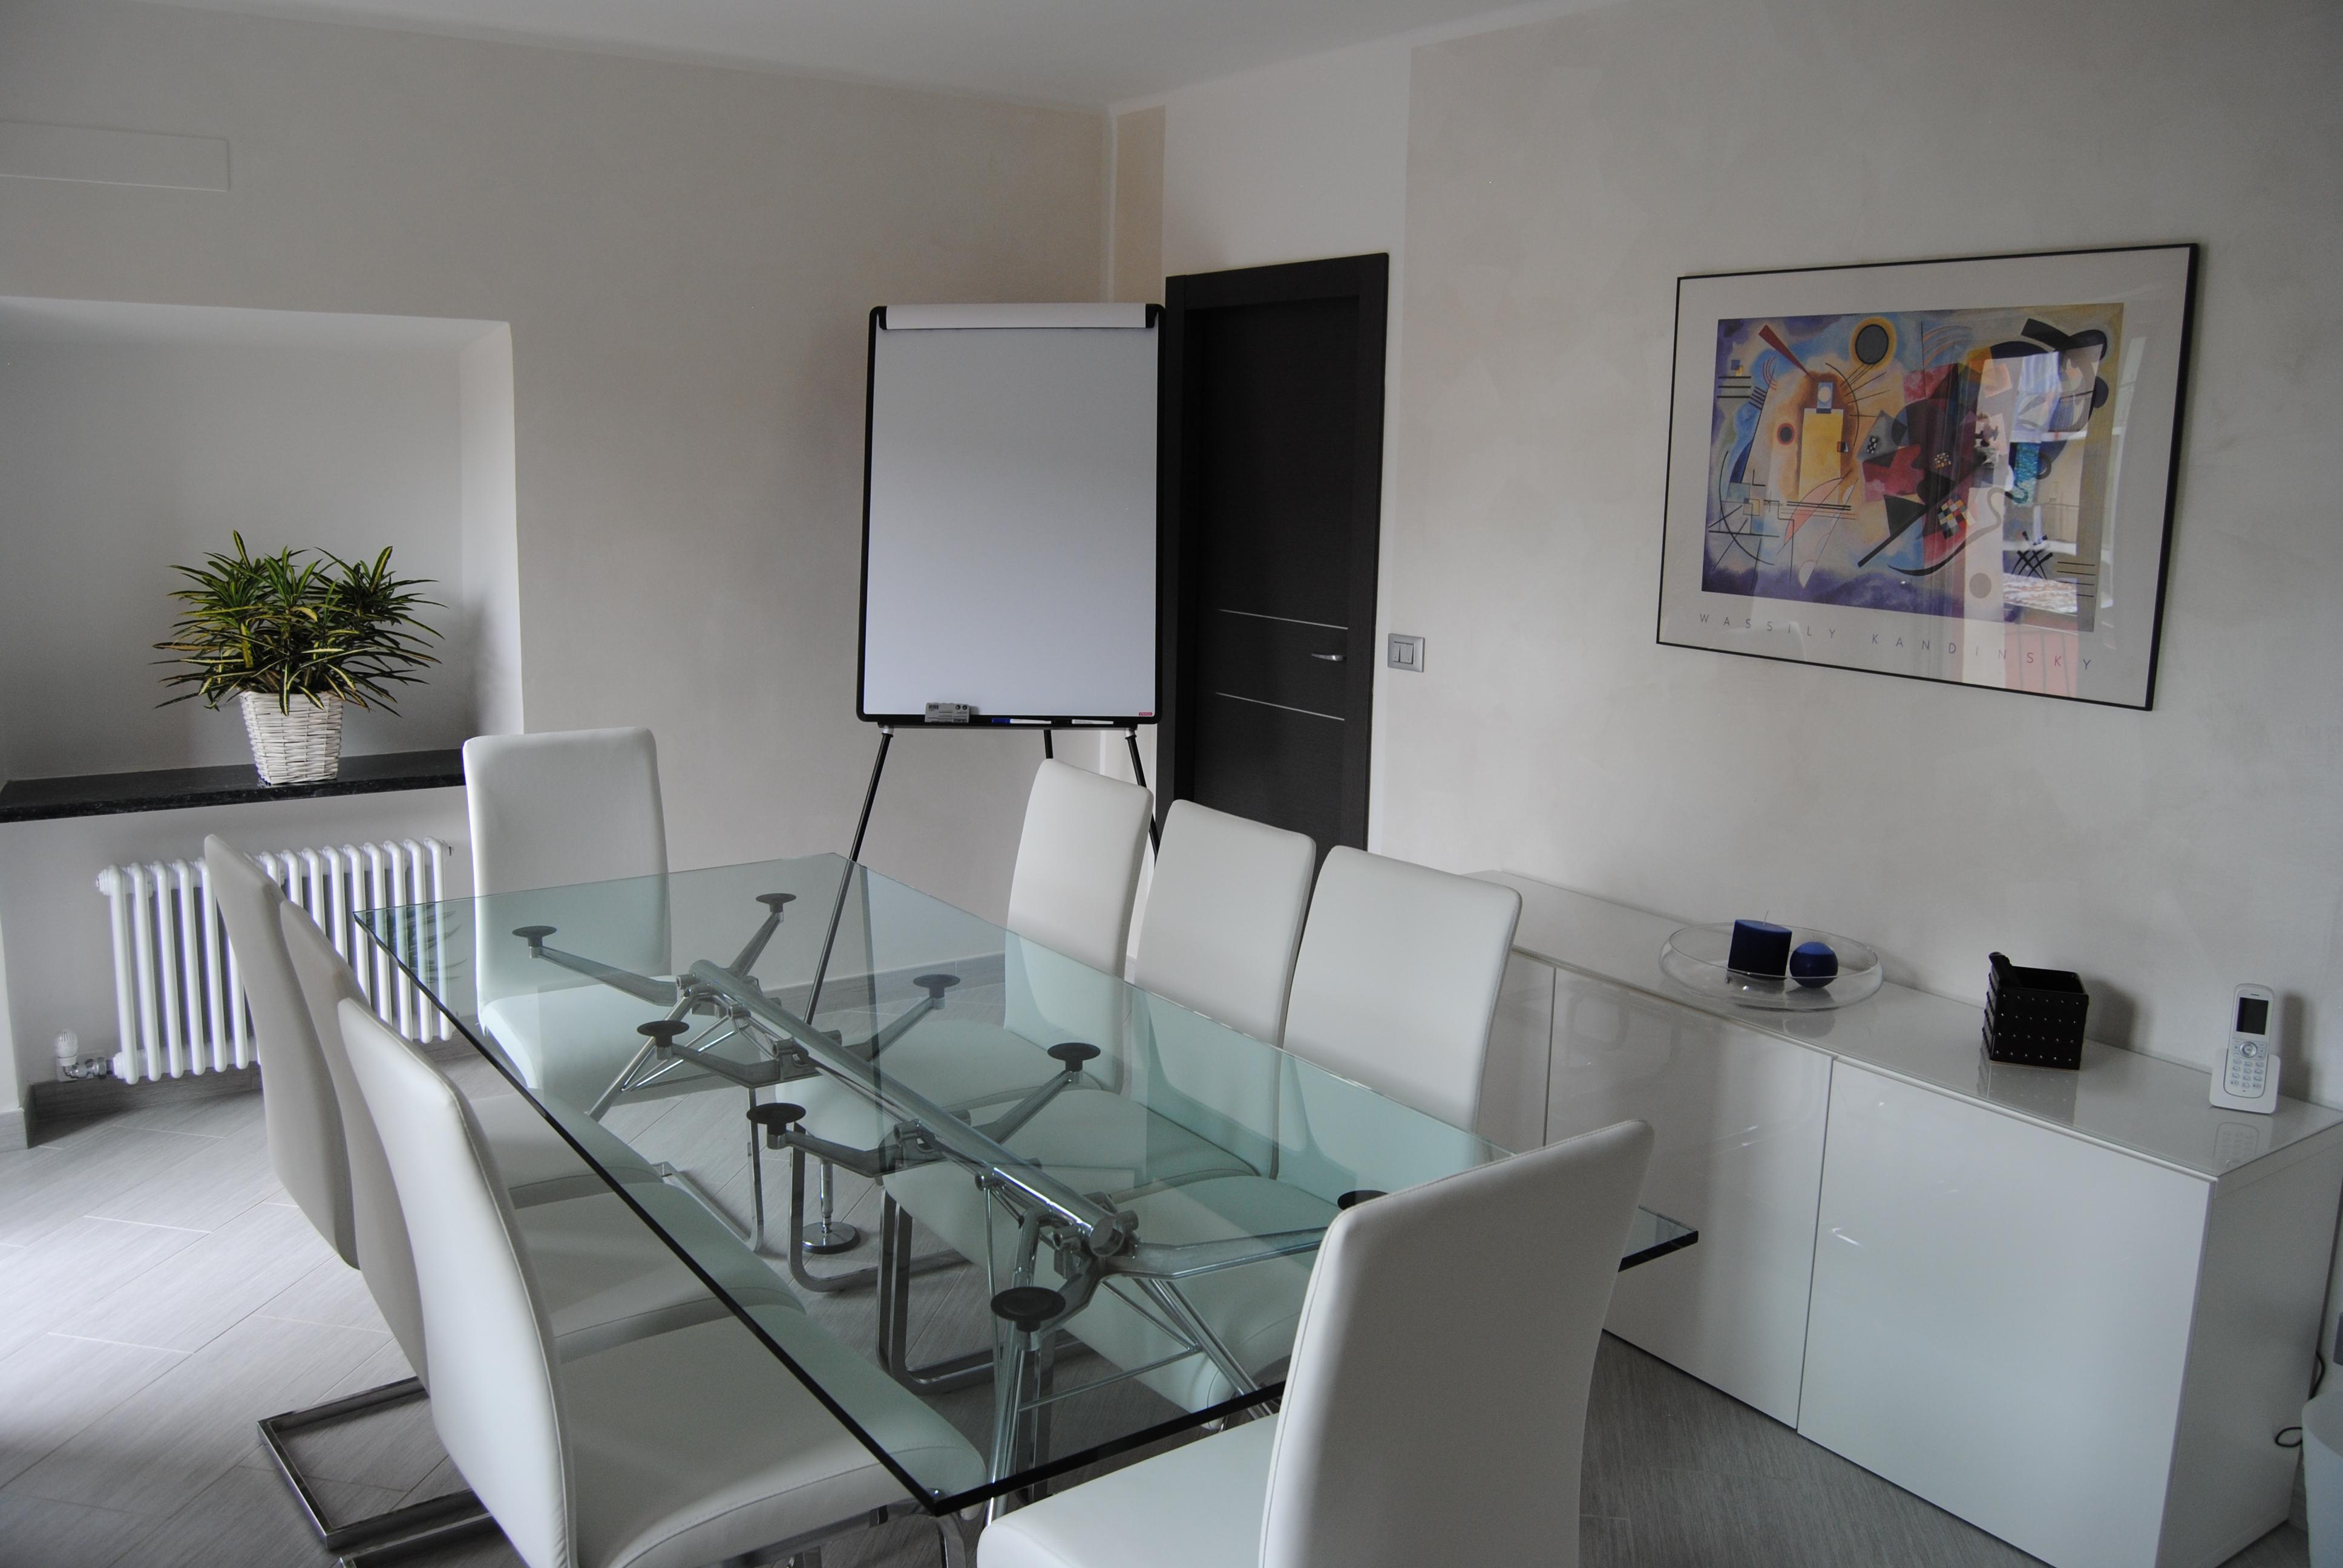 Ufficio In Condivisione Torino : Workmave uno spazio di coworking per architetti a torino